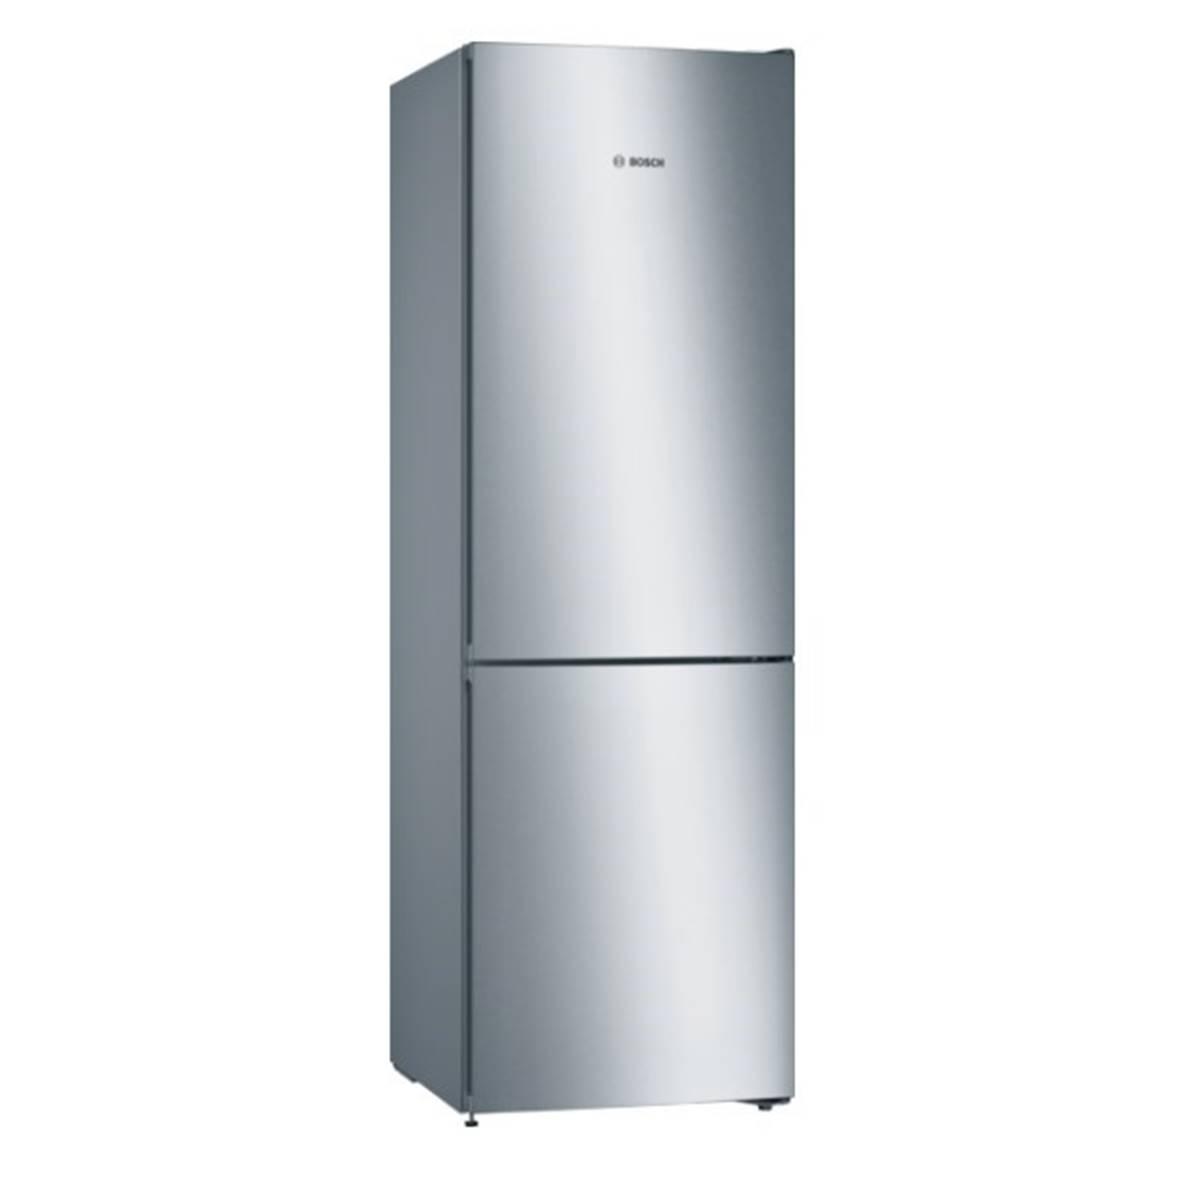 refrigerateur combine bosch kgn36vl3a. Black Bedroom Furniture Sets. Home Design Ideas